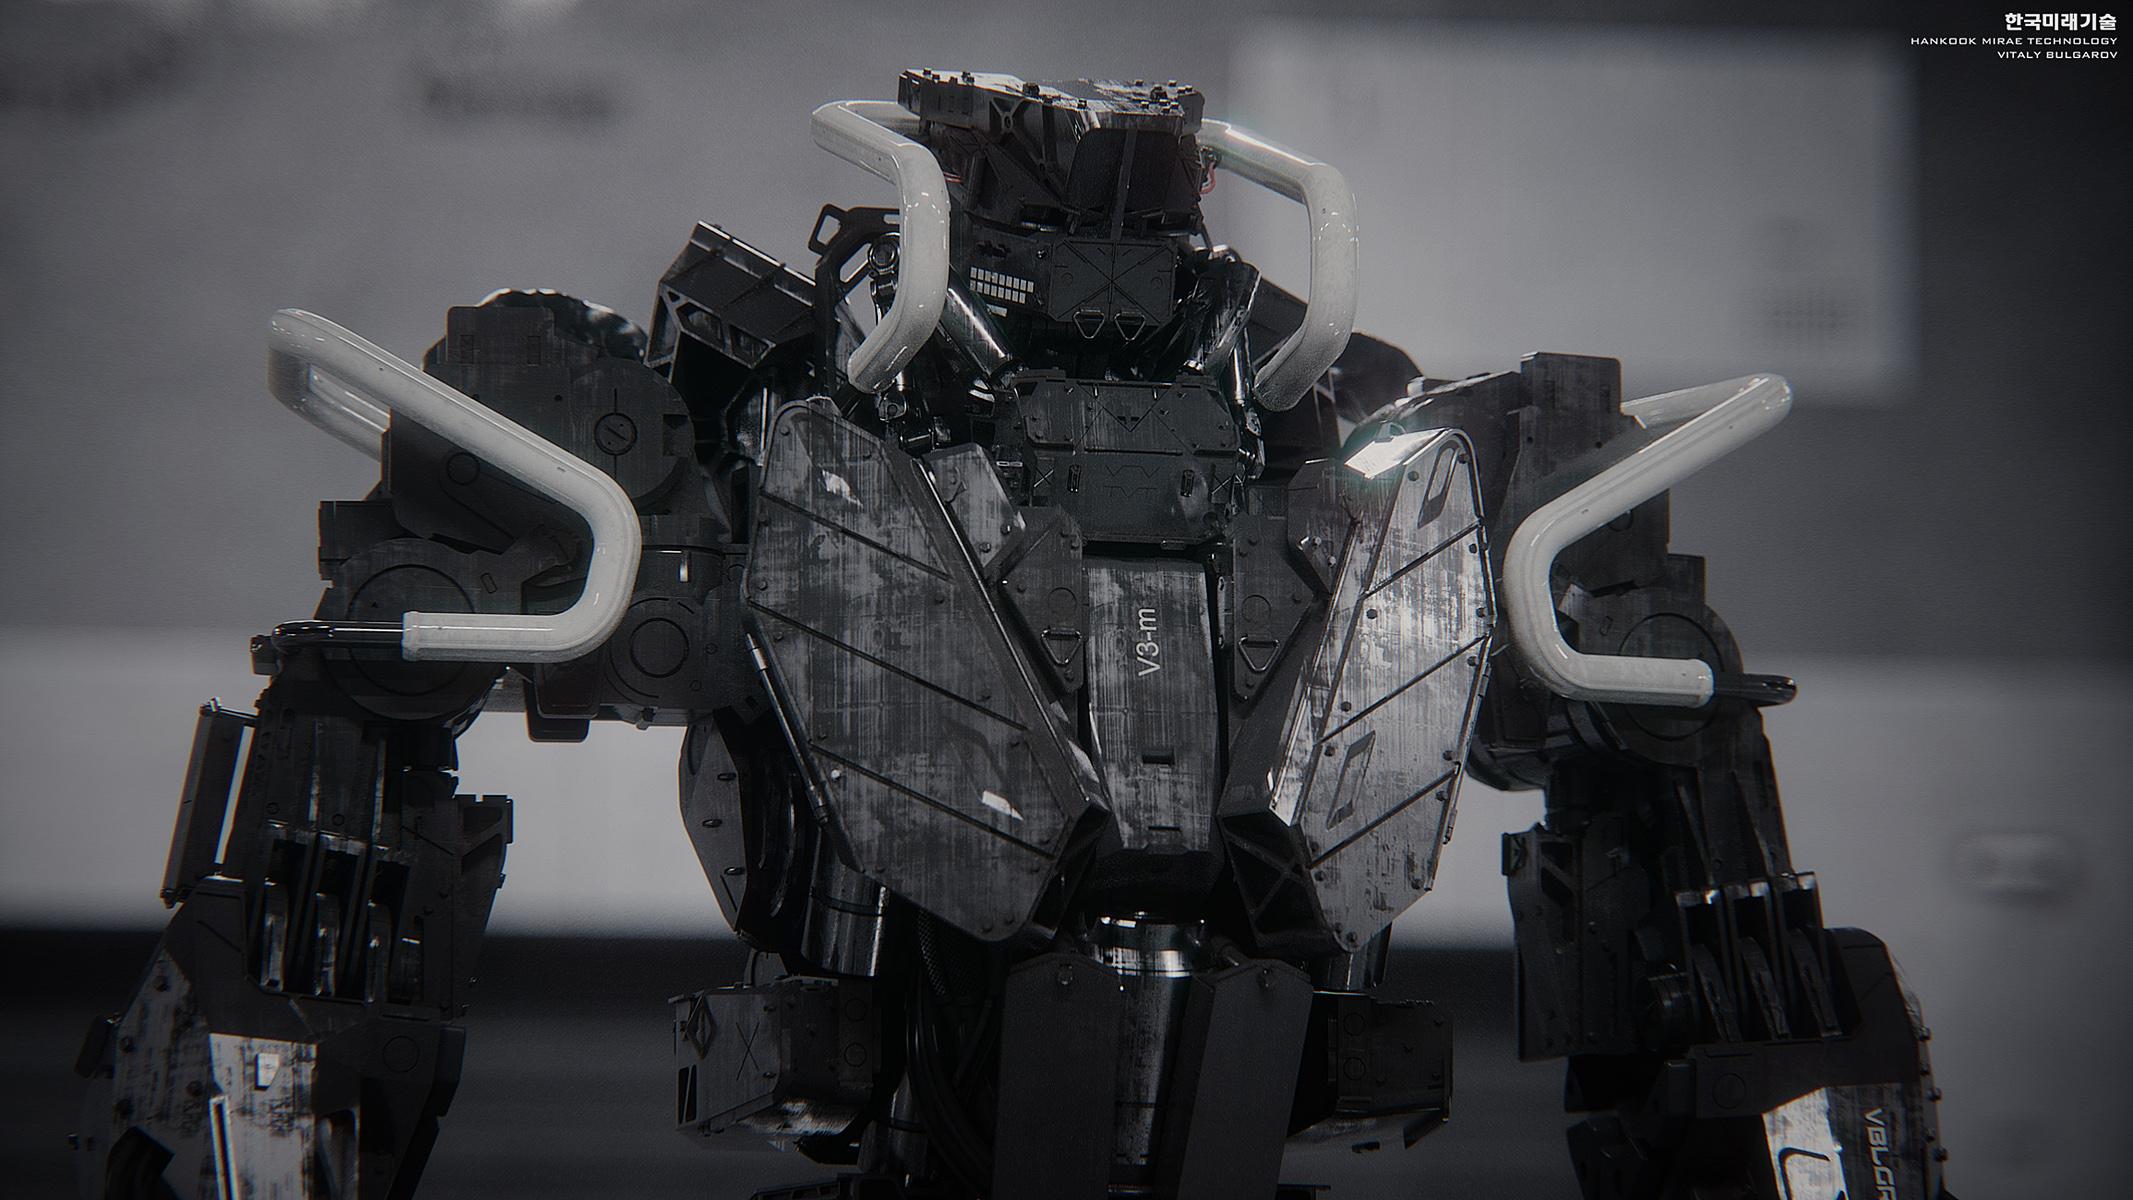 KFT_250cmRobot_V3_04.jpg